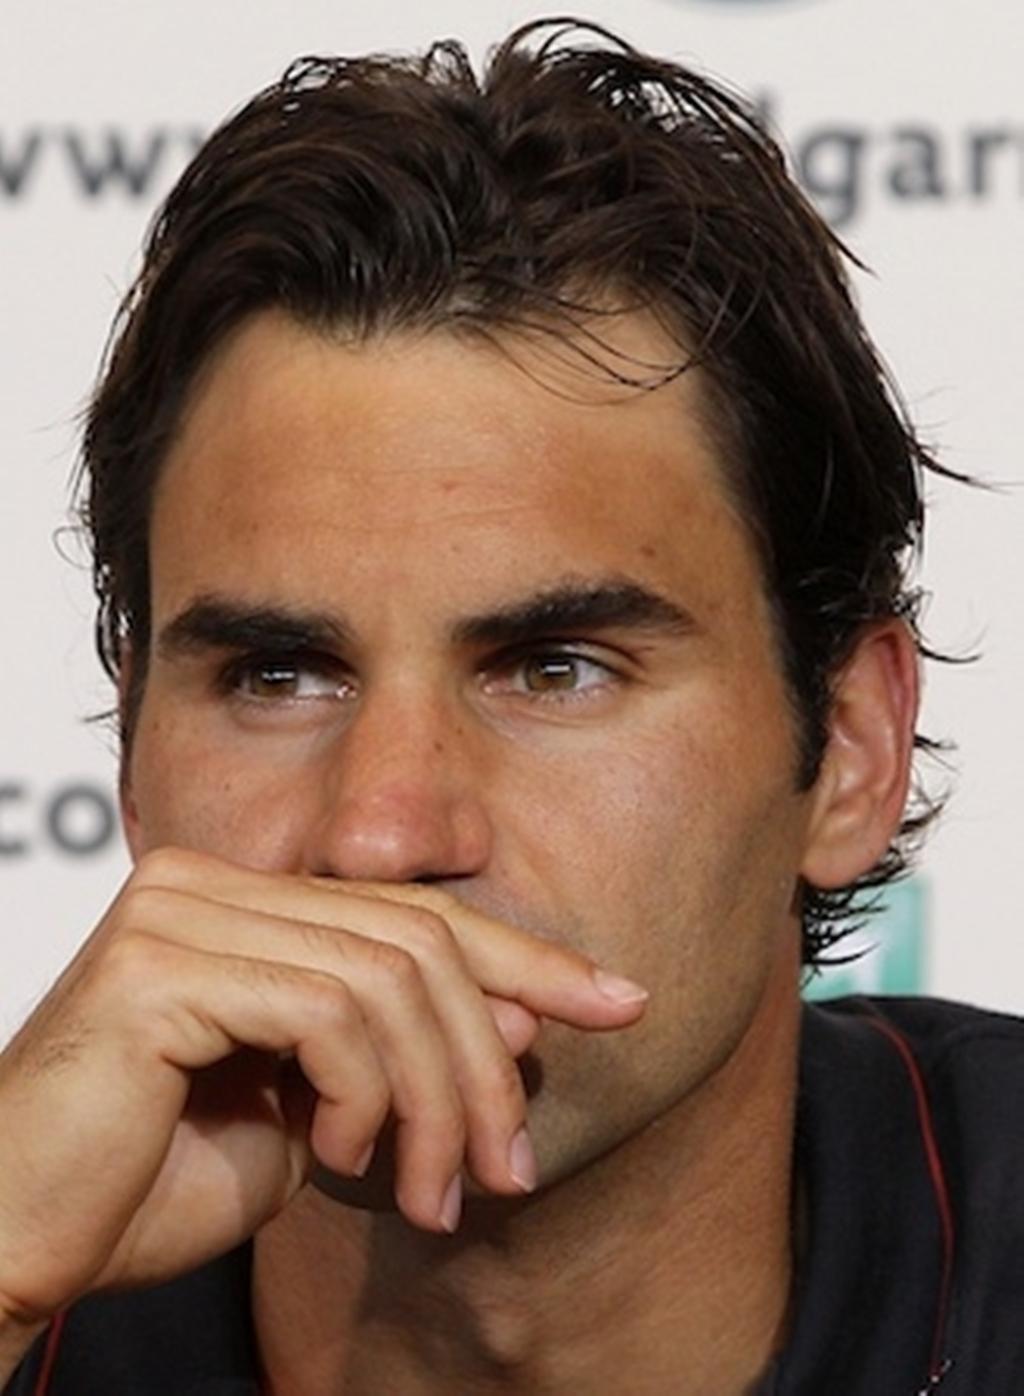 Los ojos de Roger - Página 9 WImbledon-2012-won-Roger-Federer-roger-federer-31403847-1024-1396